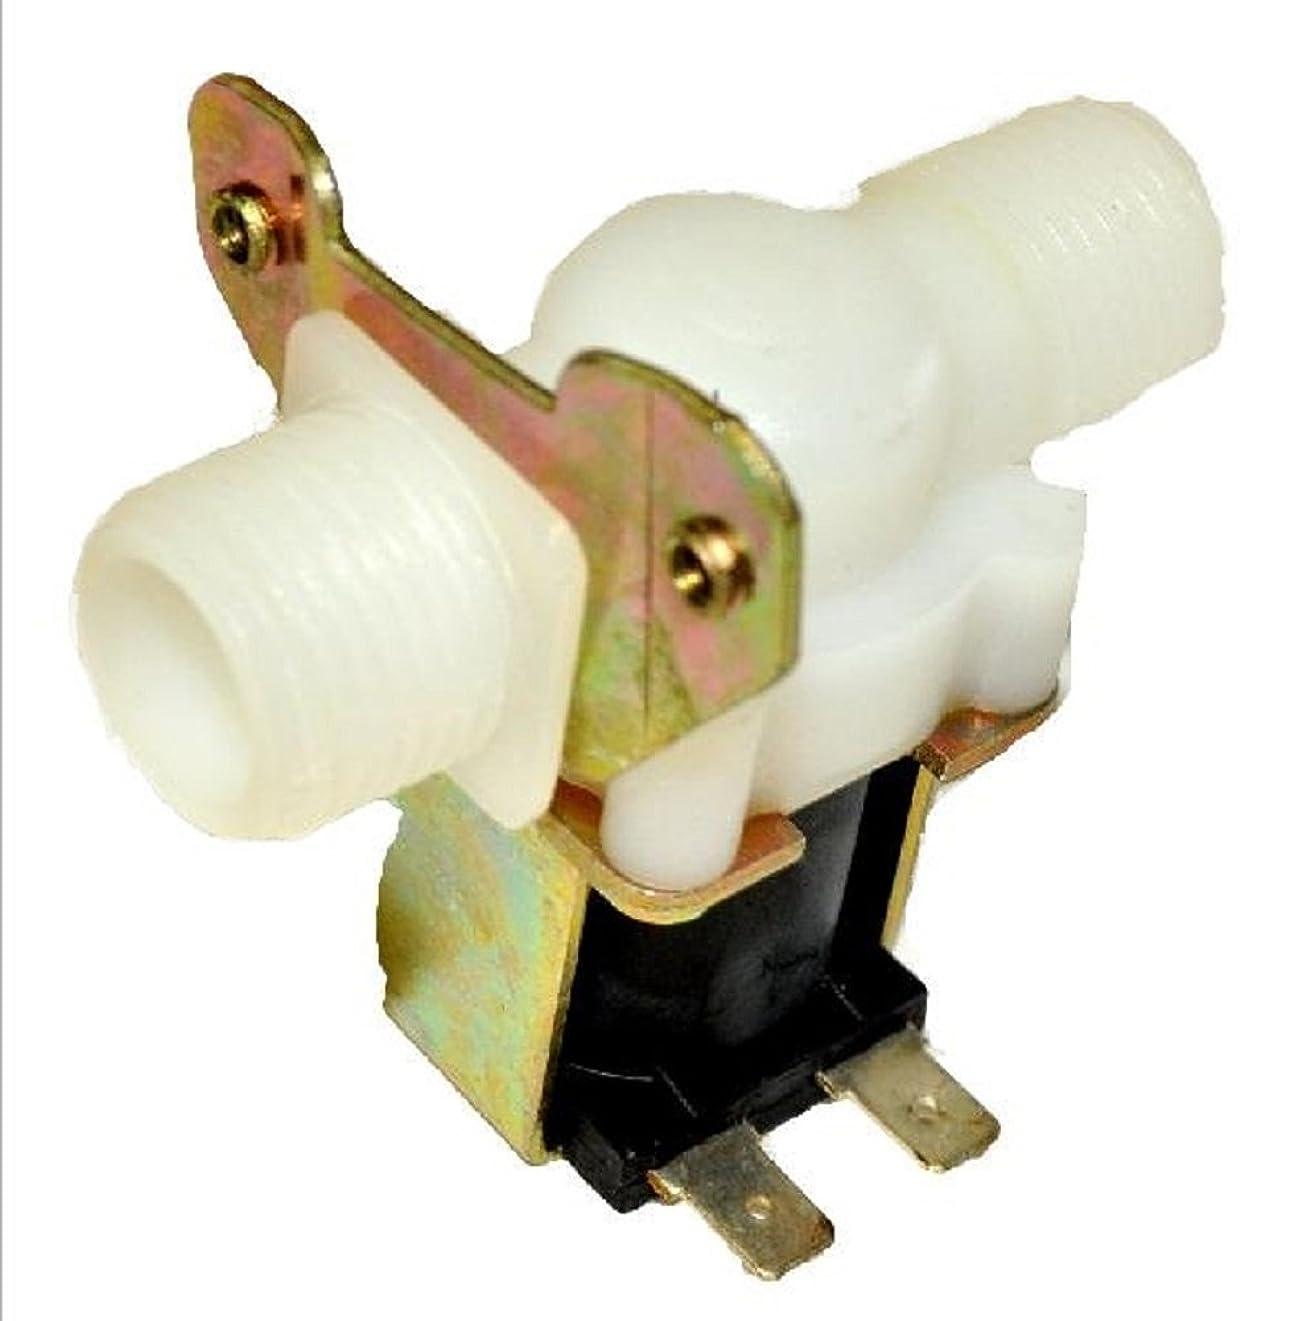 ほかに農民ふけるSANEI 【バルブ?止水栓】 ドライバー式化粧バルブ2型